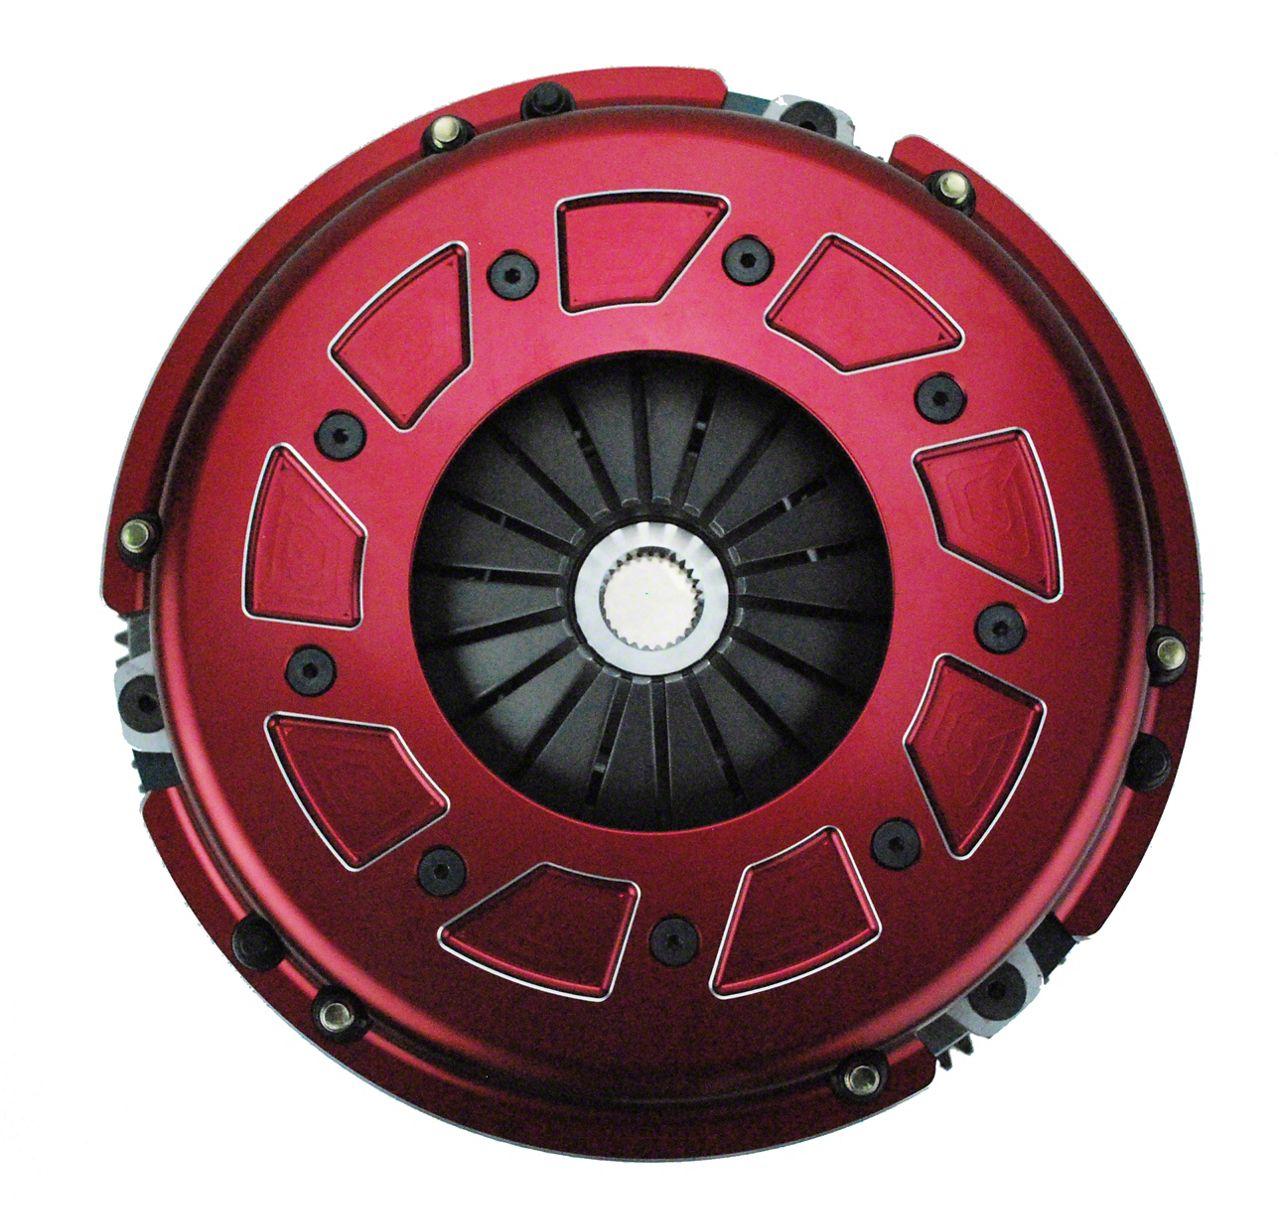 RAM Pro Street Dual Disc Clutch w/ Steel Flywheel - 26 Spline (08-10 V8 HEMI; 11.5-19 V8 HEMI)